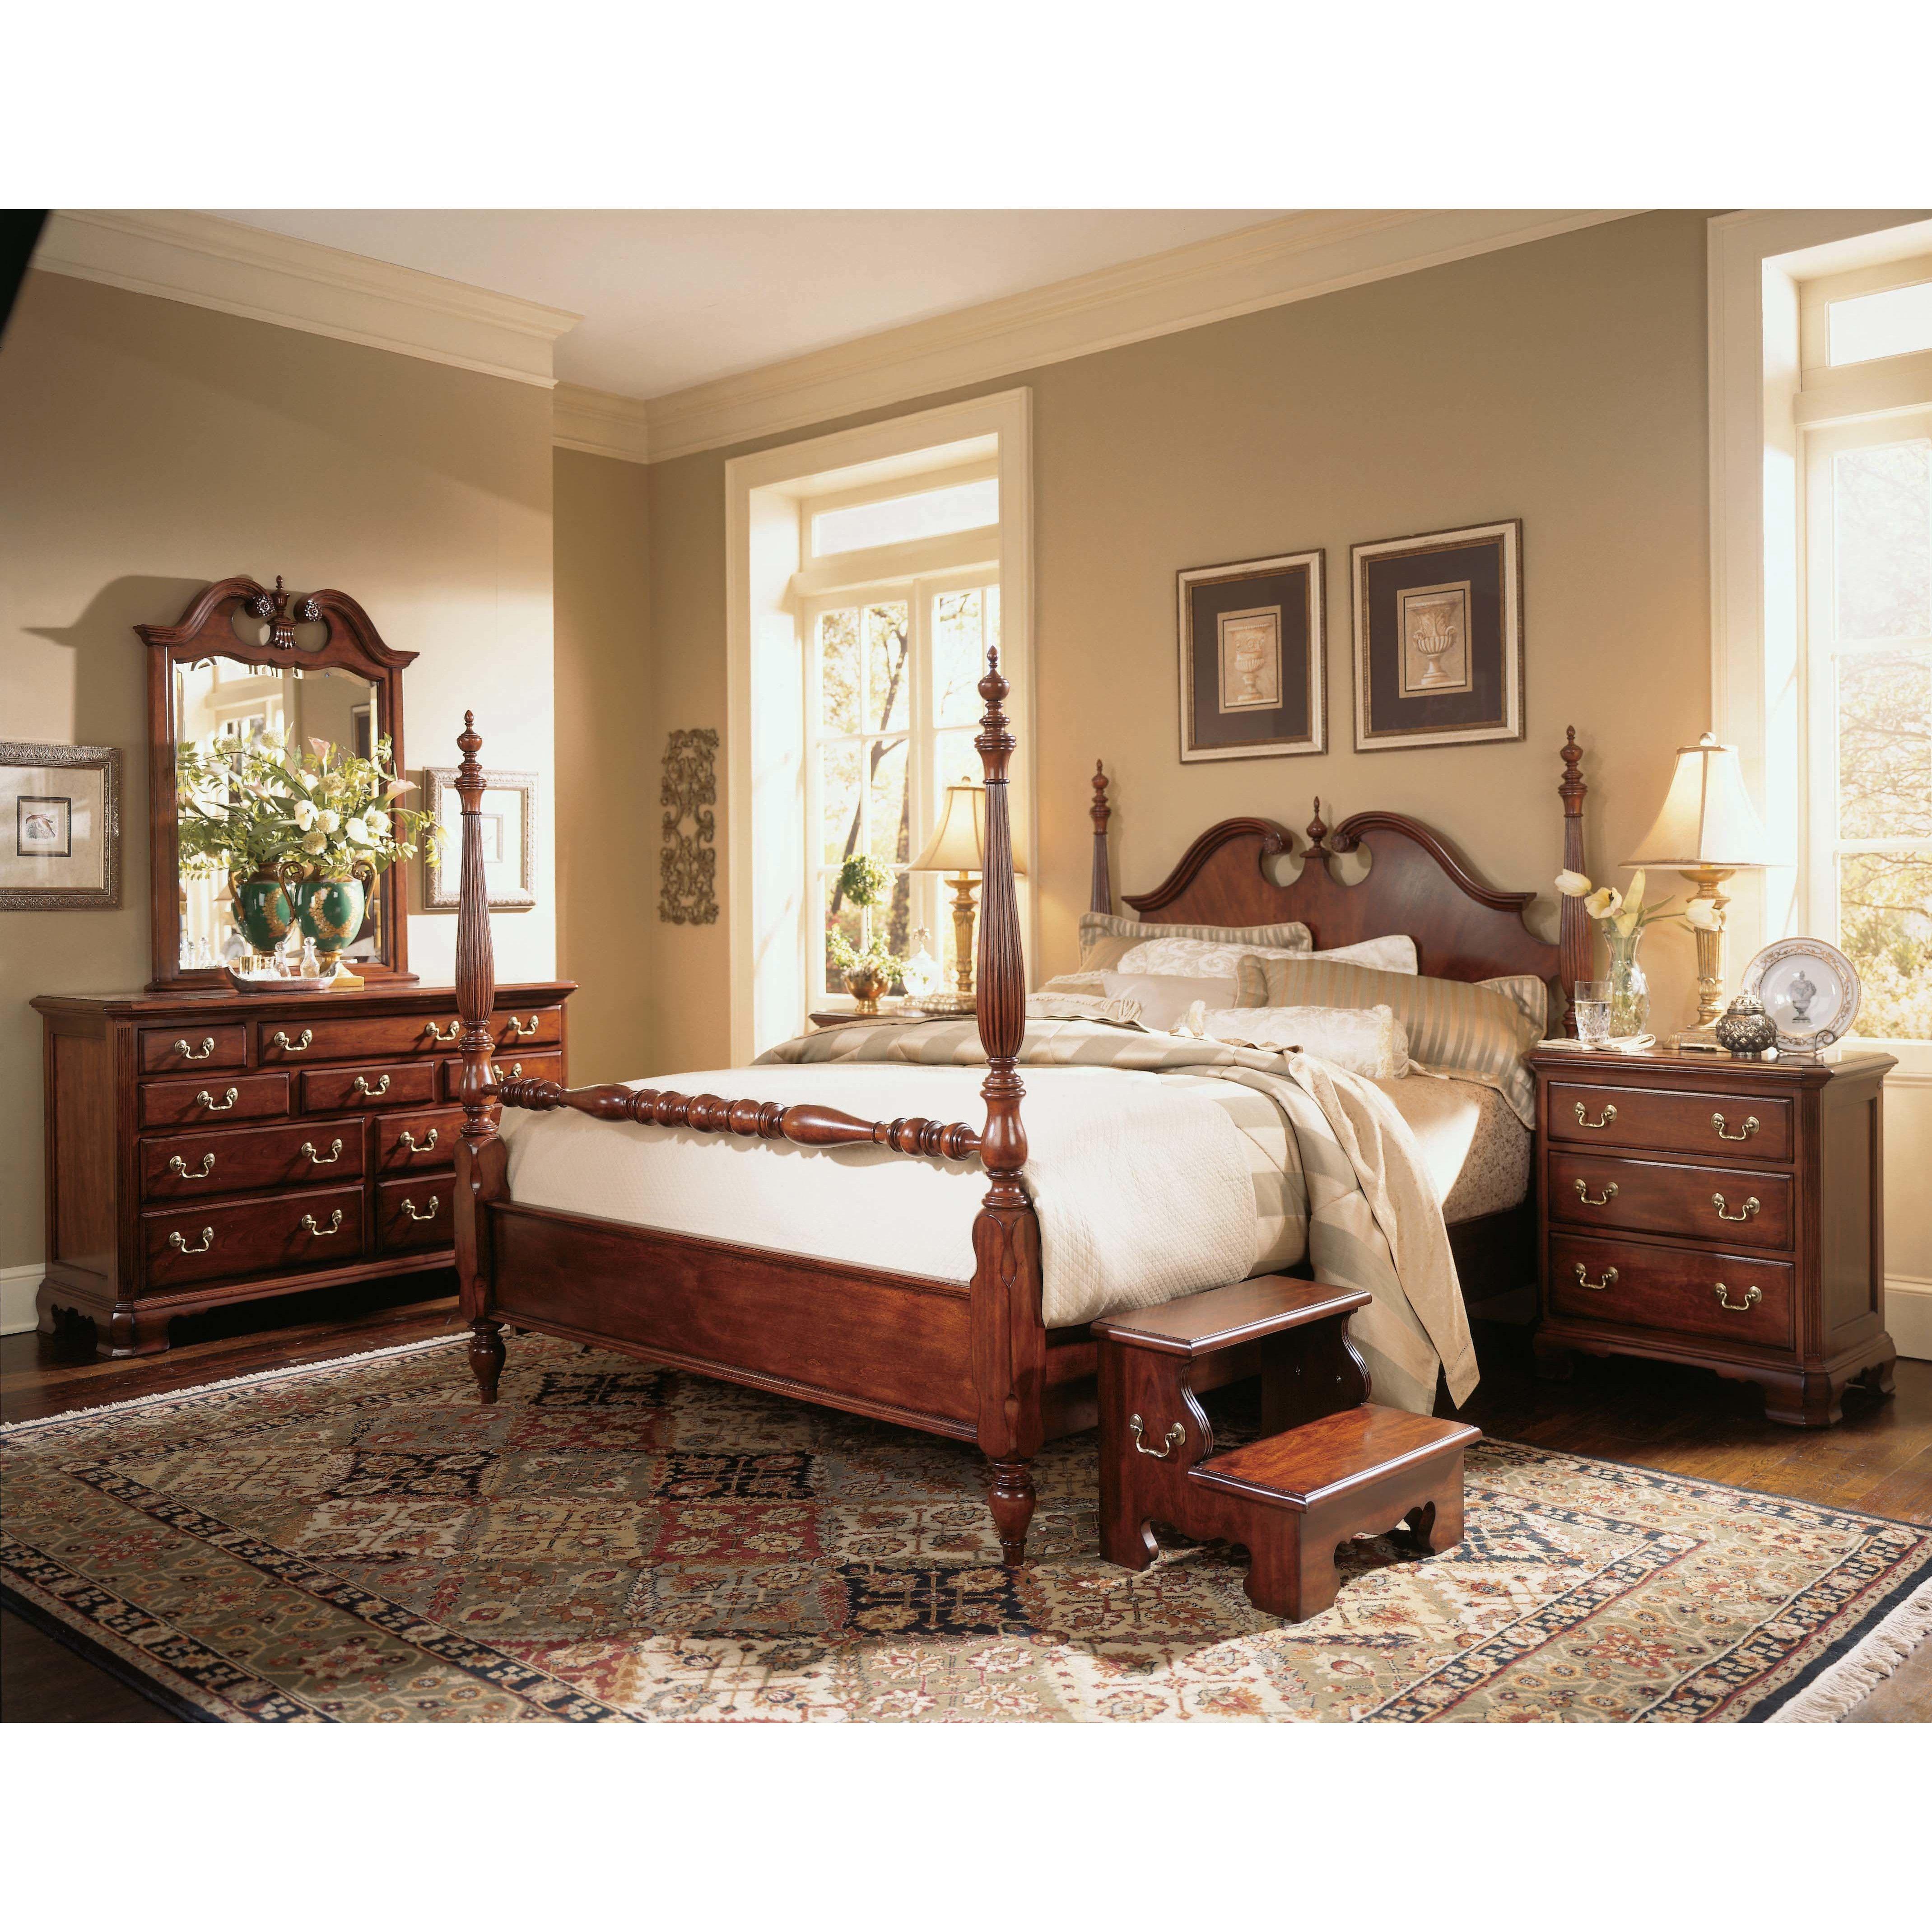 Queen Anne Cherry Wood Bedroom Furniture  Cherry bedroom